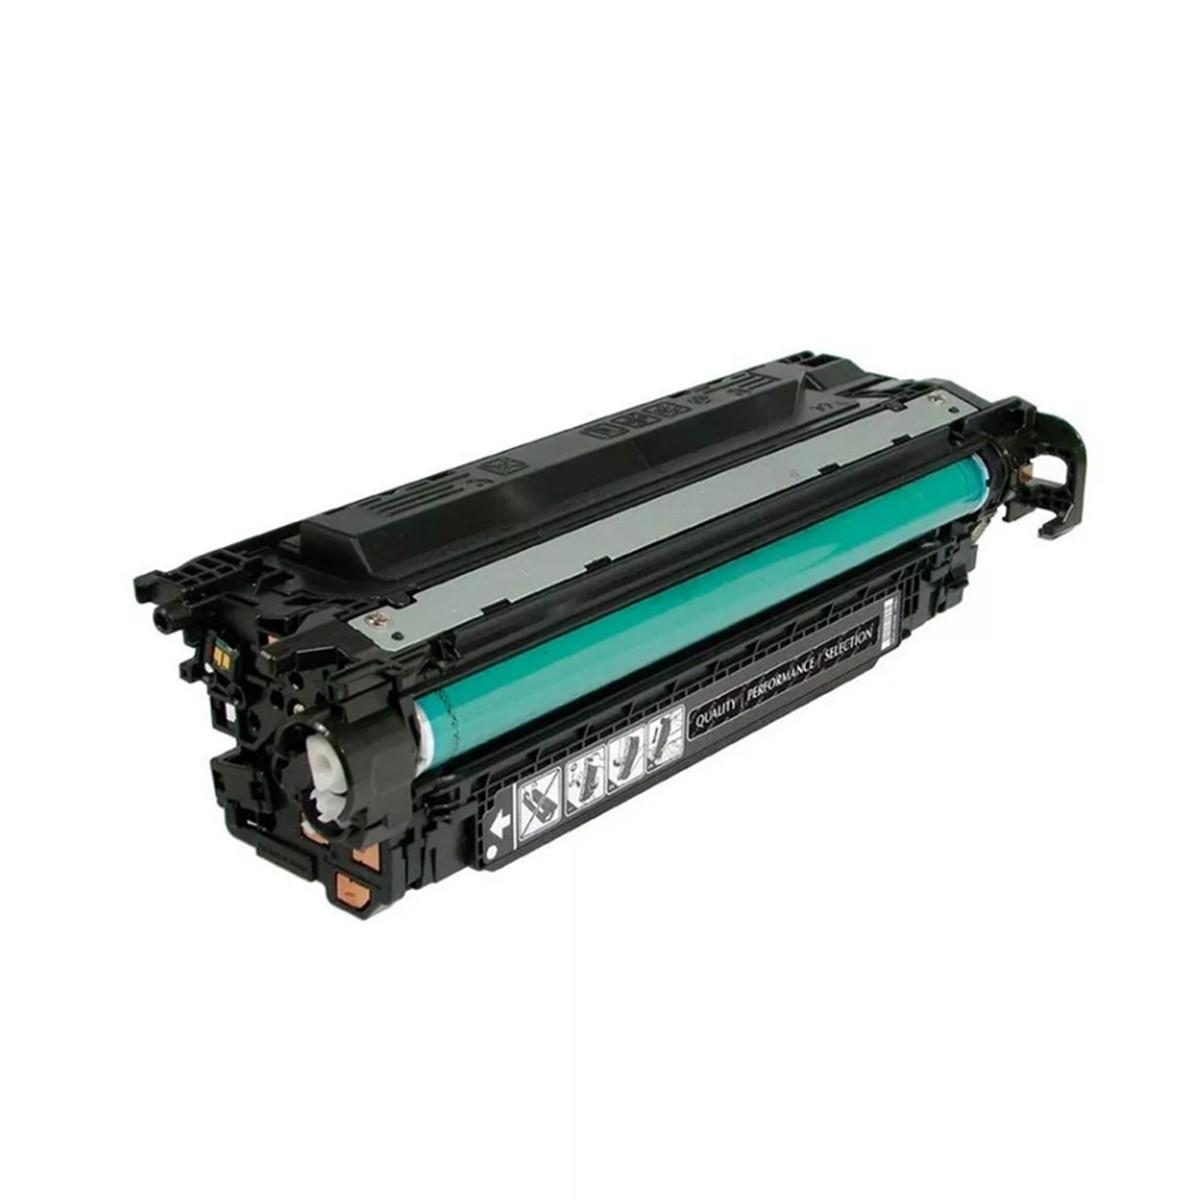 Toner Compatível com HP CF361A 61A Ciano 508A | M553DN M-553DN M577DN M-577DN | Importado 5k